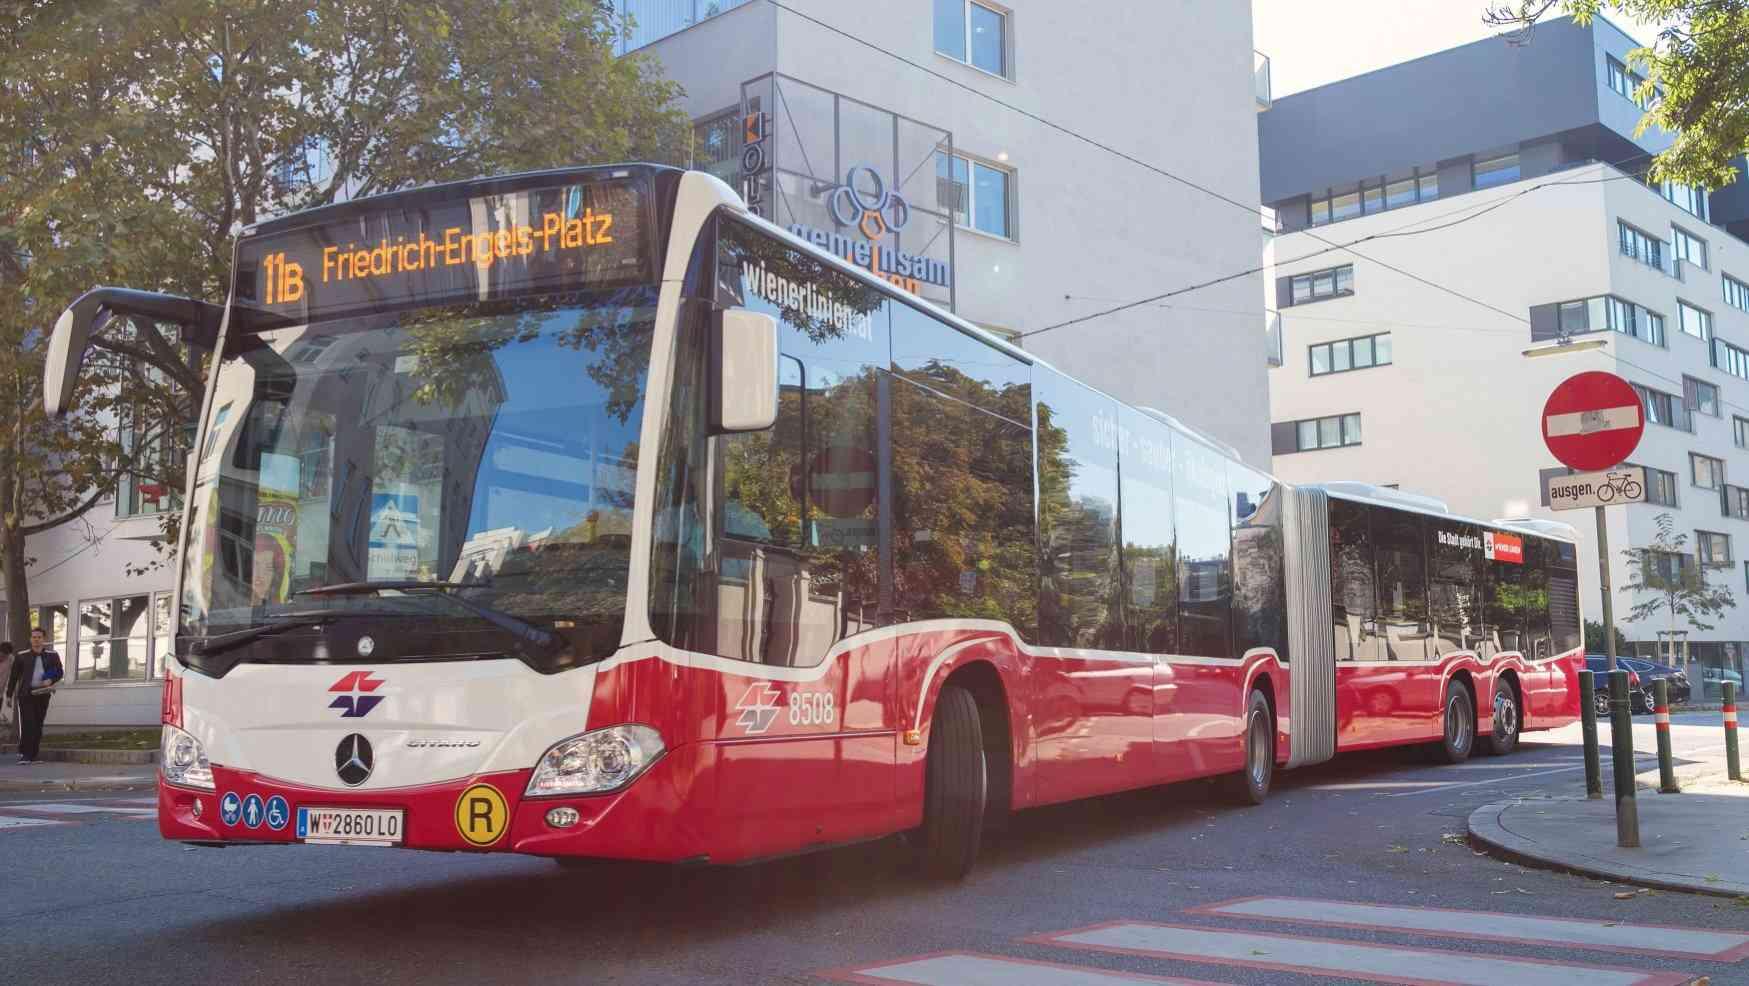 Moderne, umweltfreundliche und größere Fahrzeug für gesamte Busflotte.